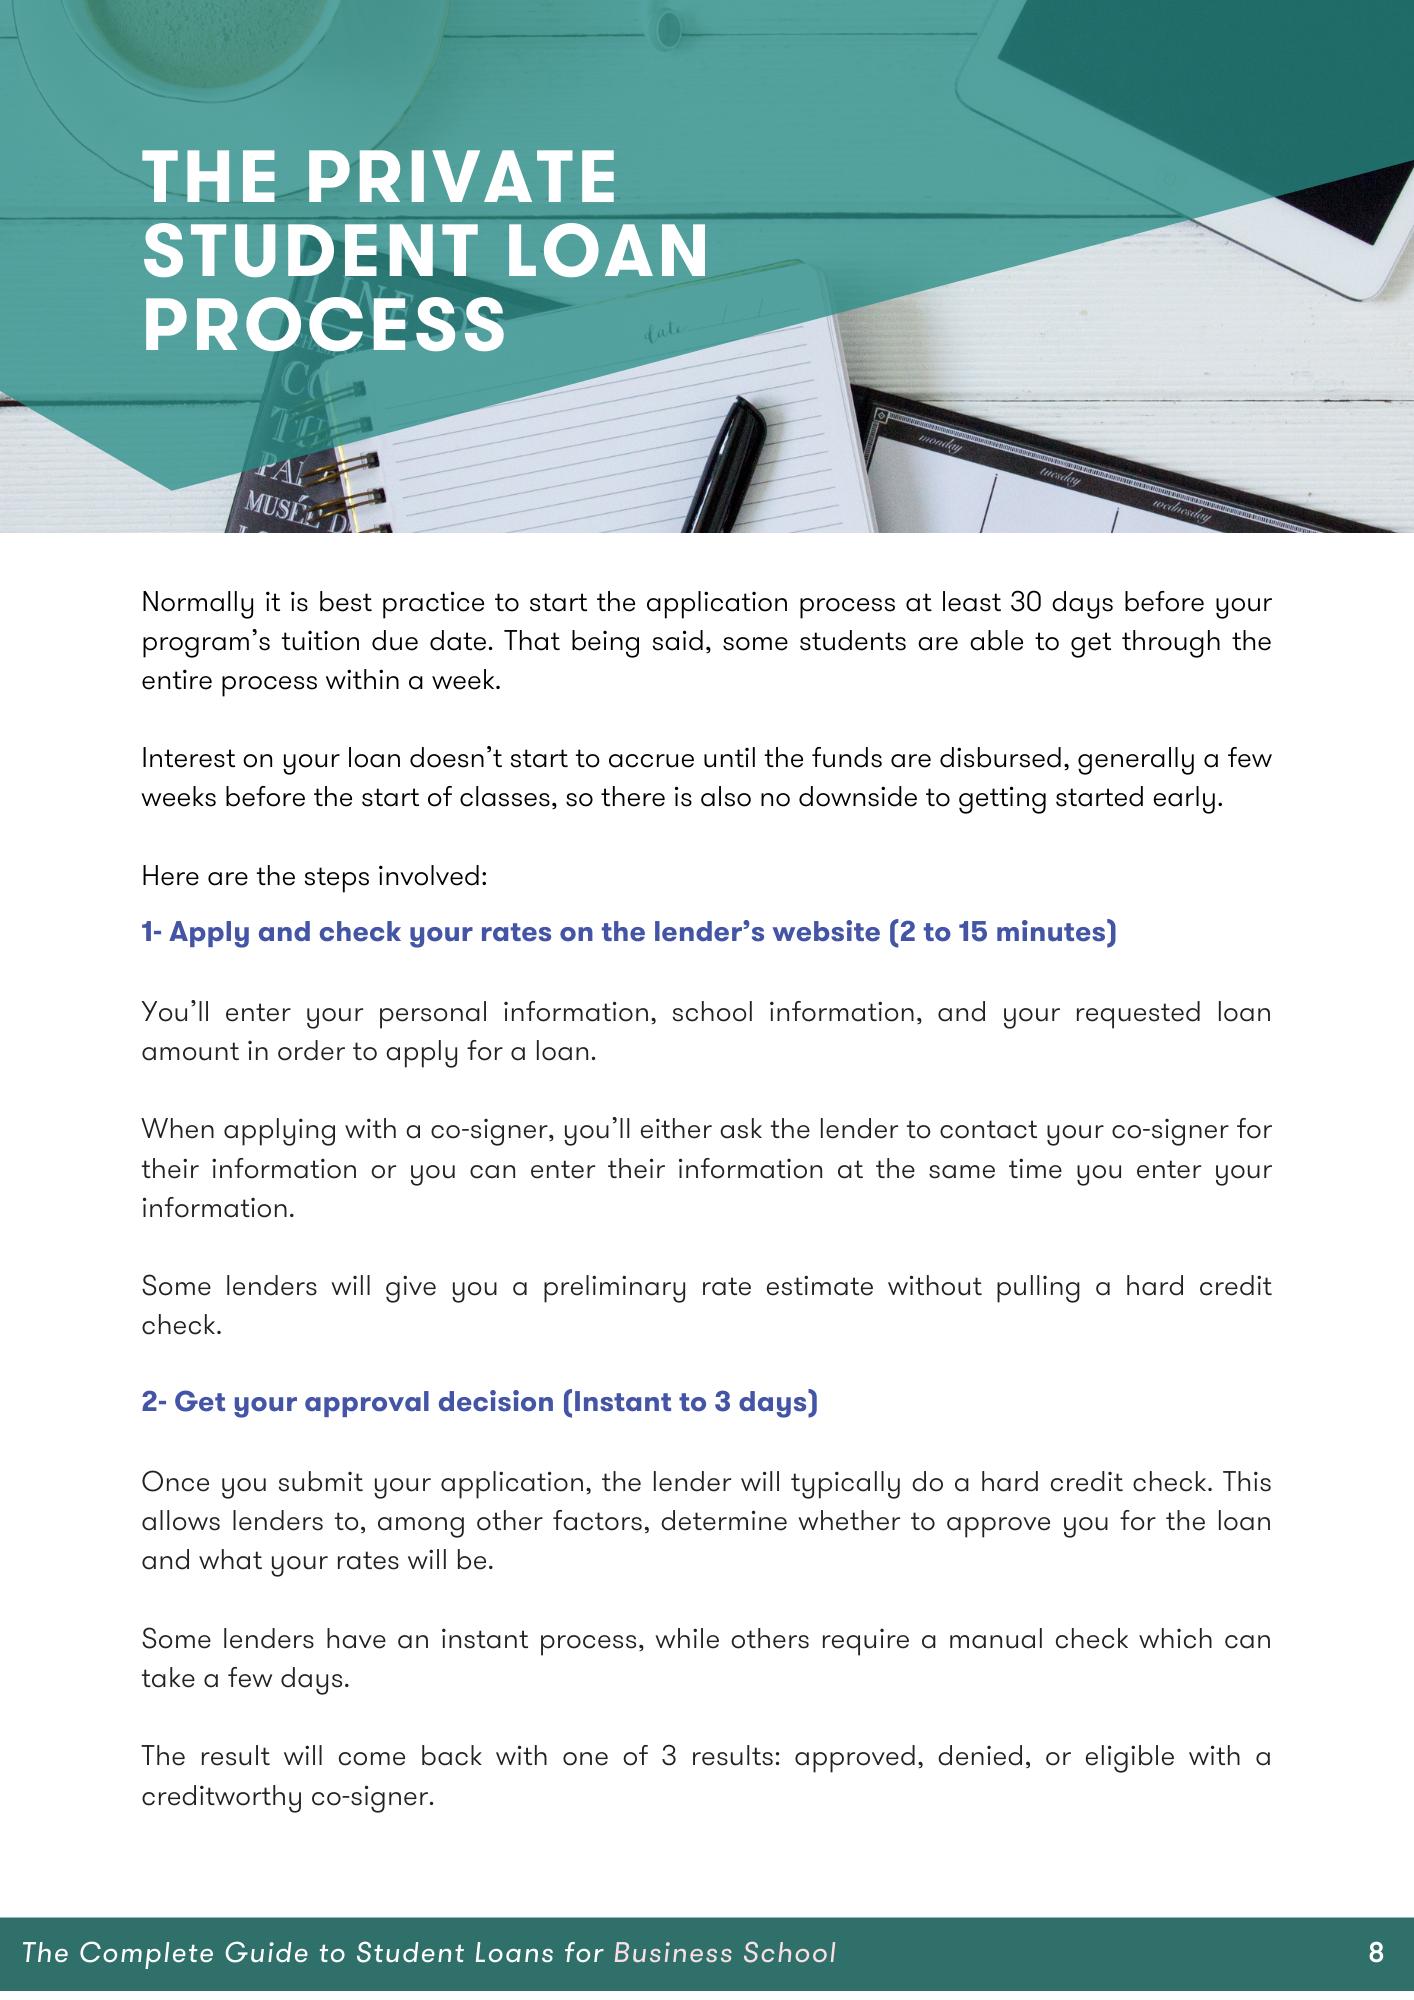 steps for applying